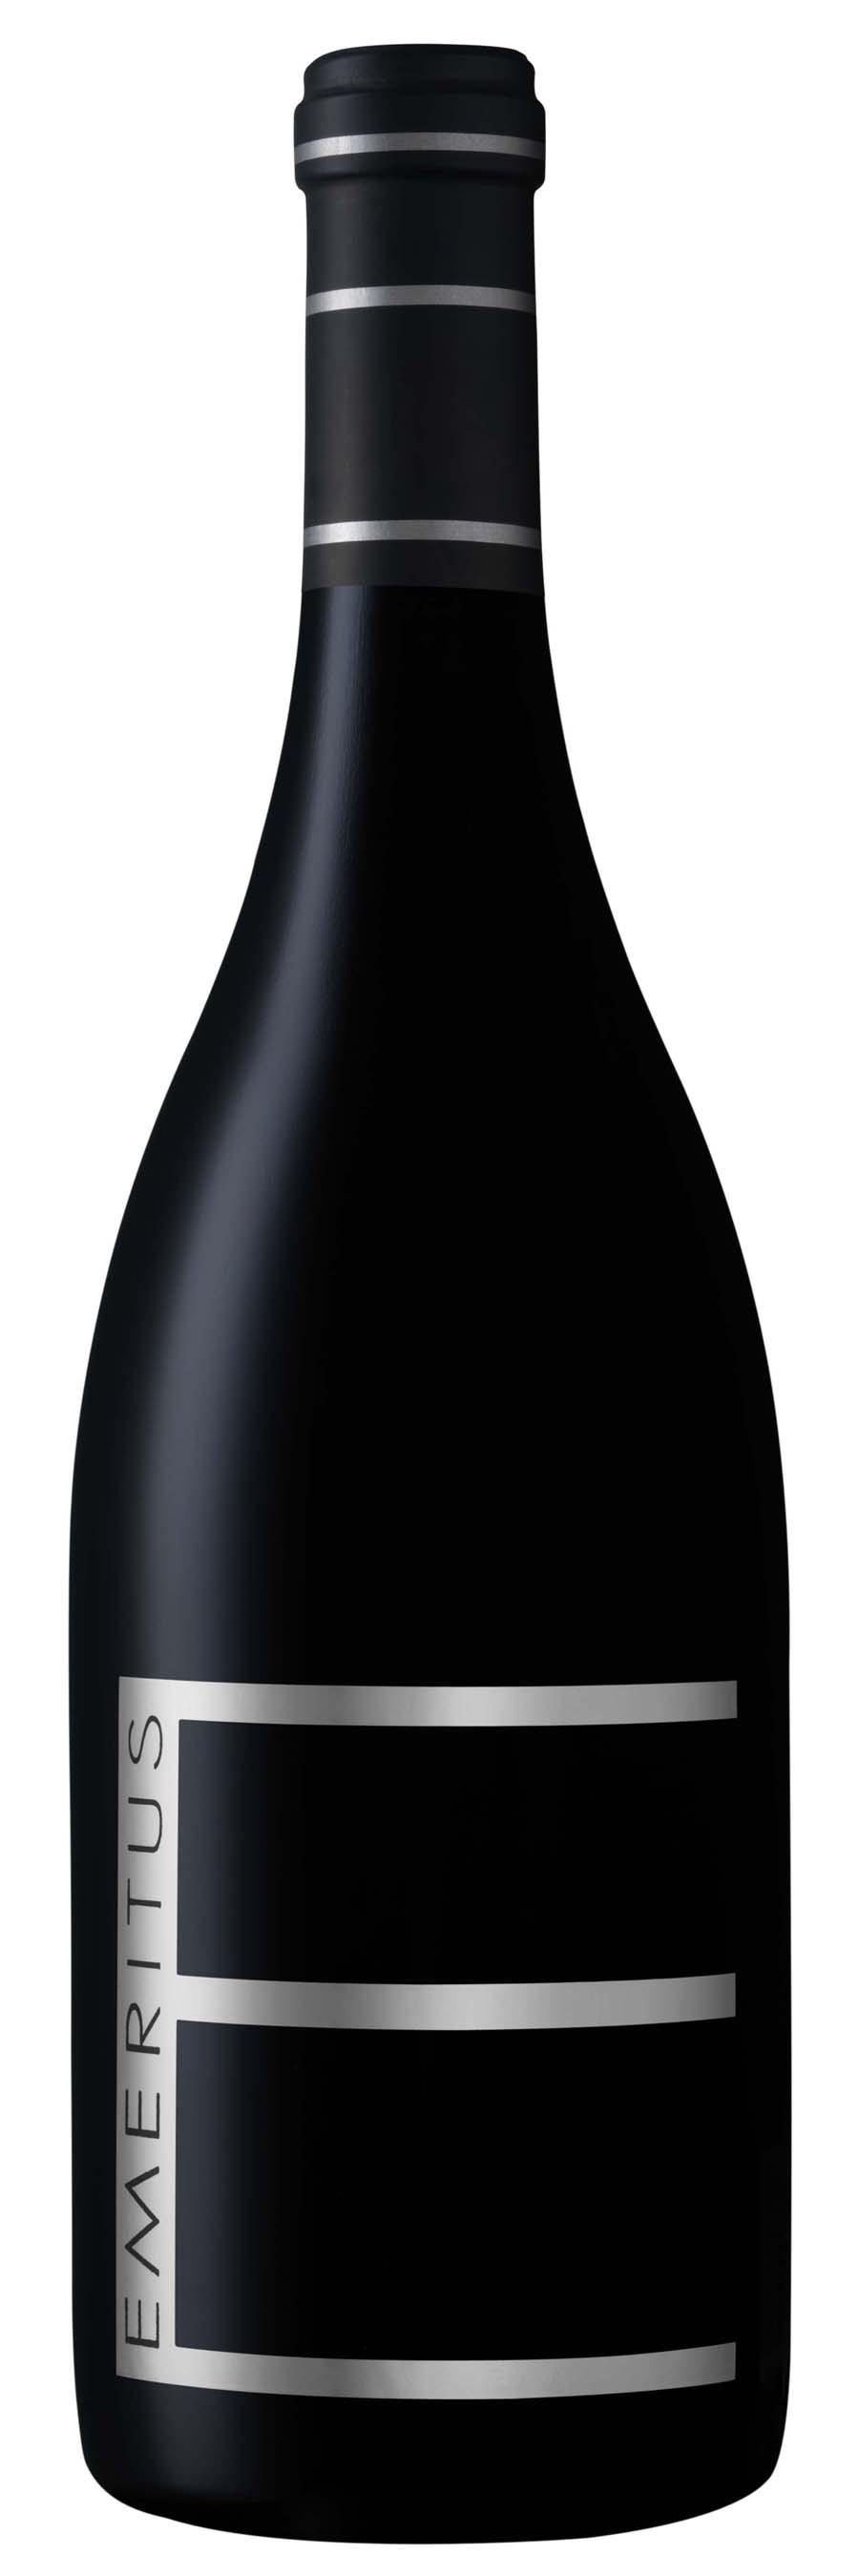 2013 Emeritus Vineyards Pinot Noir Sonoma Coast Pinot HillVineyard